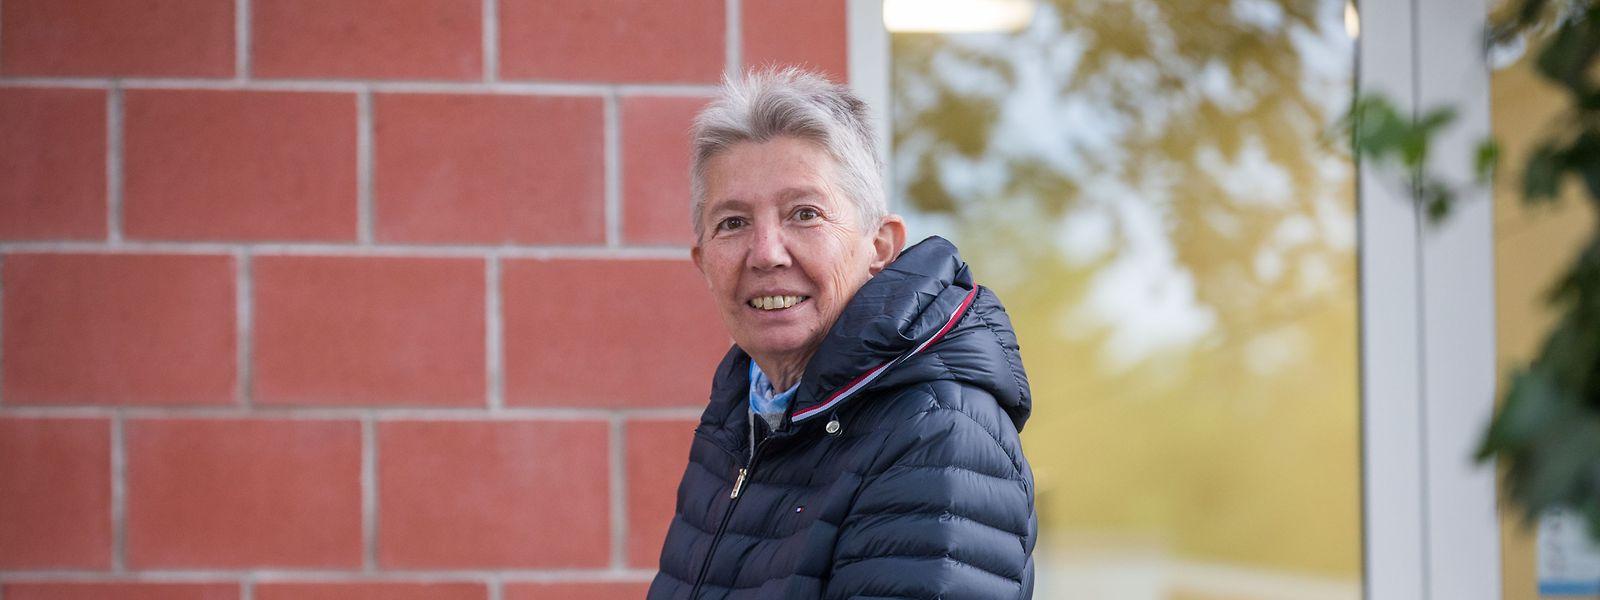 Diane Weimischkirch ist dem Handball mit Leib und Seele verbunden.